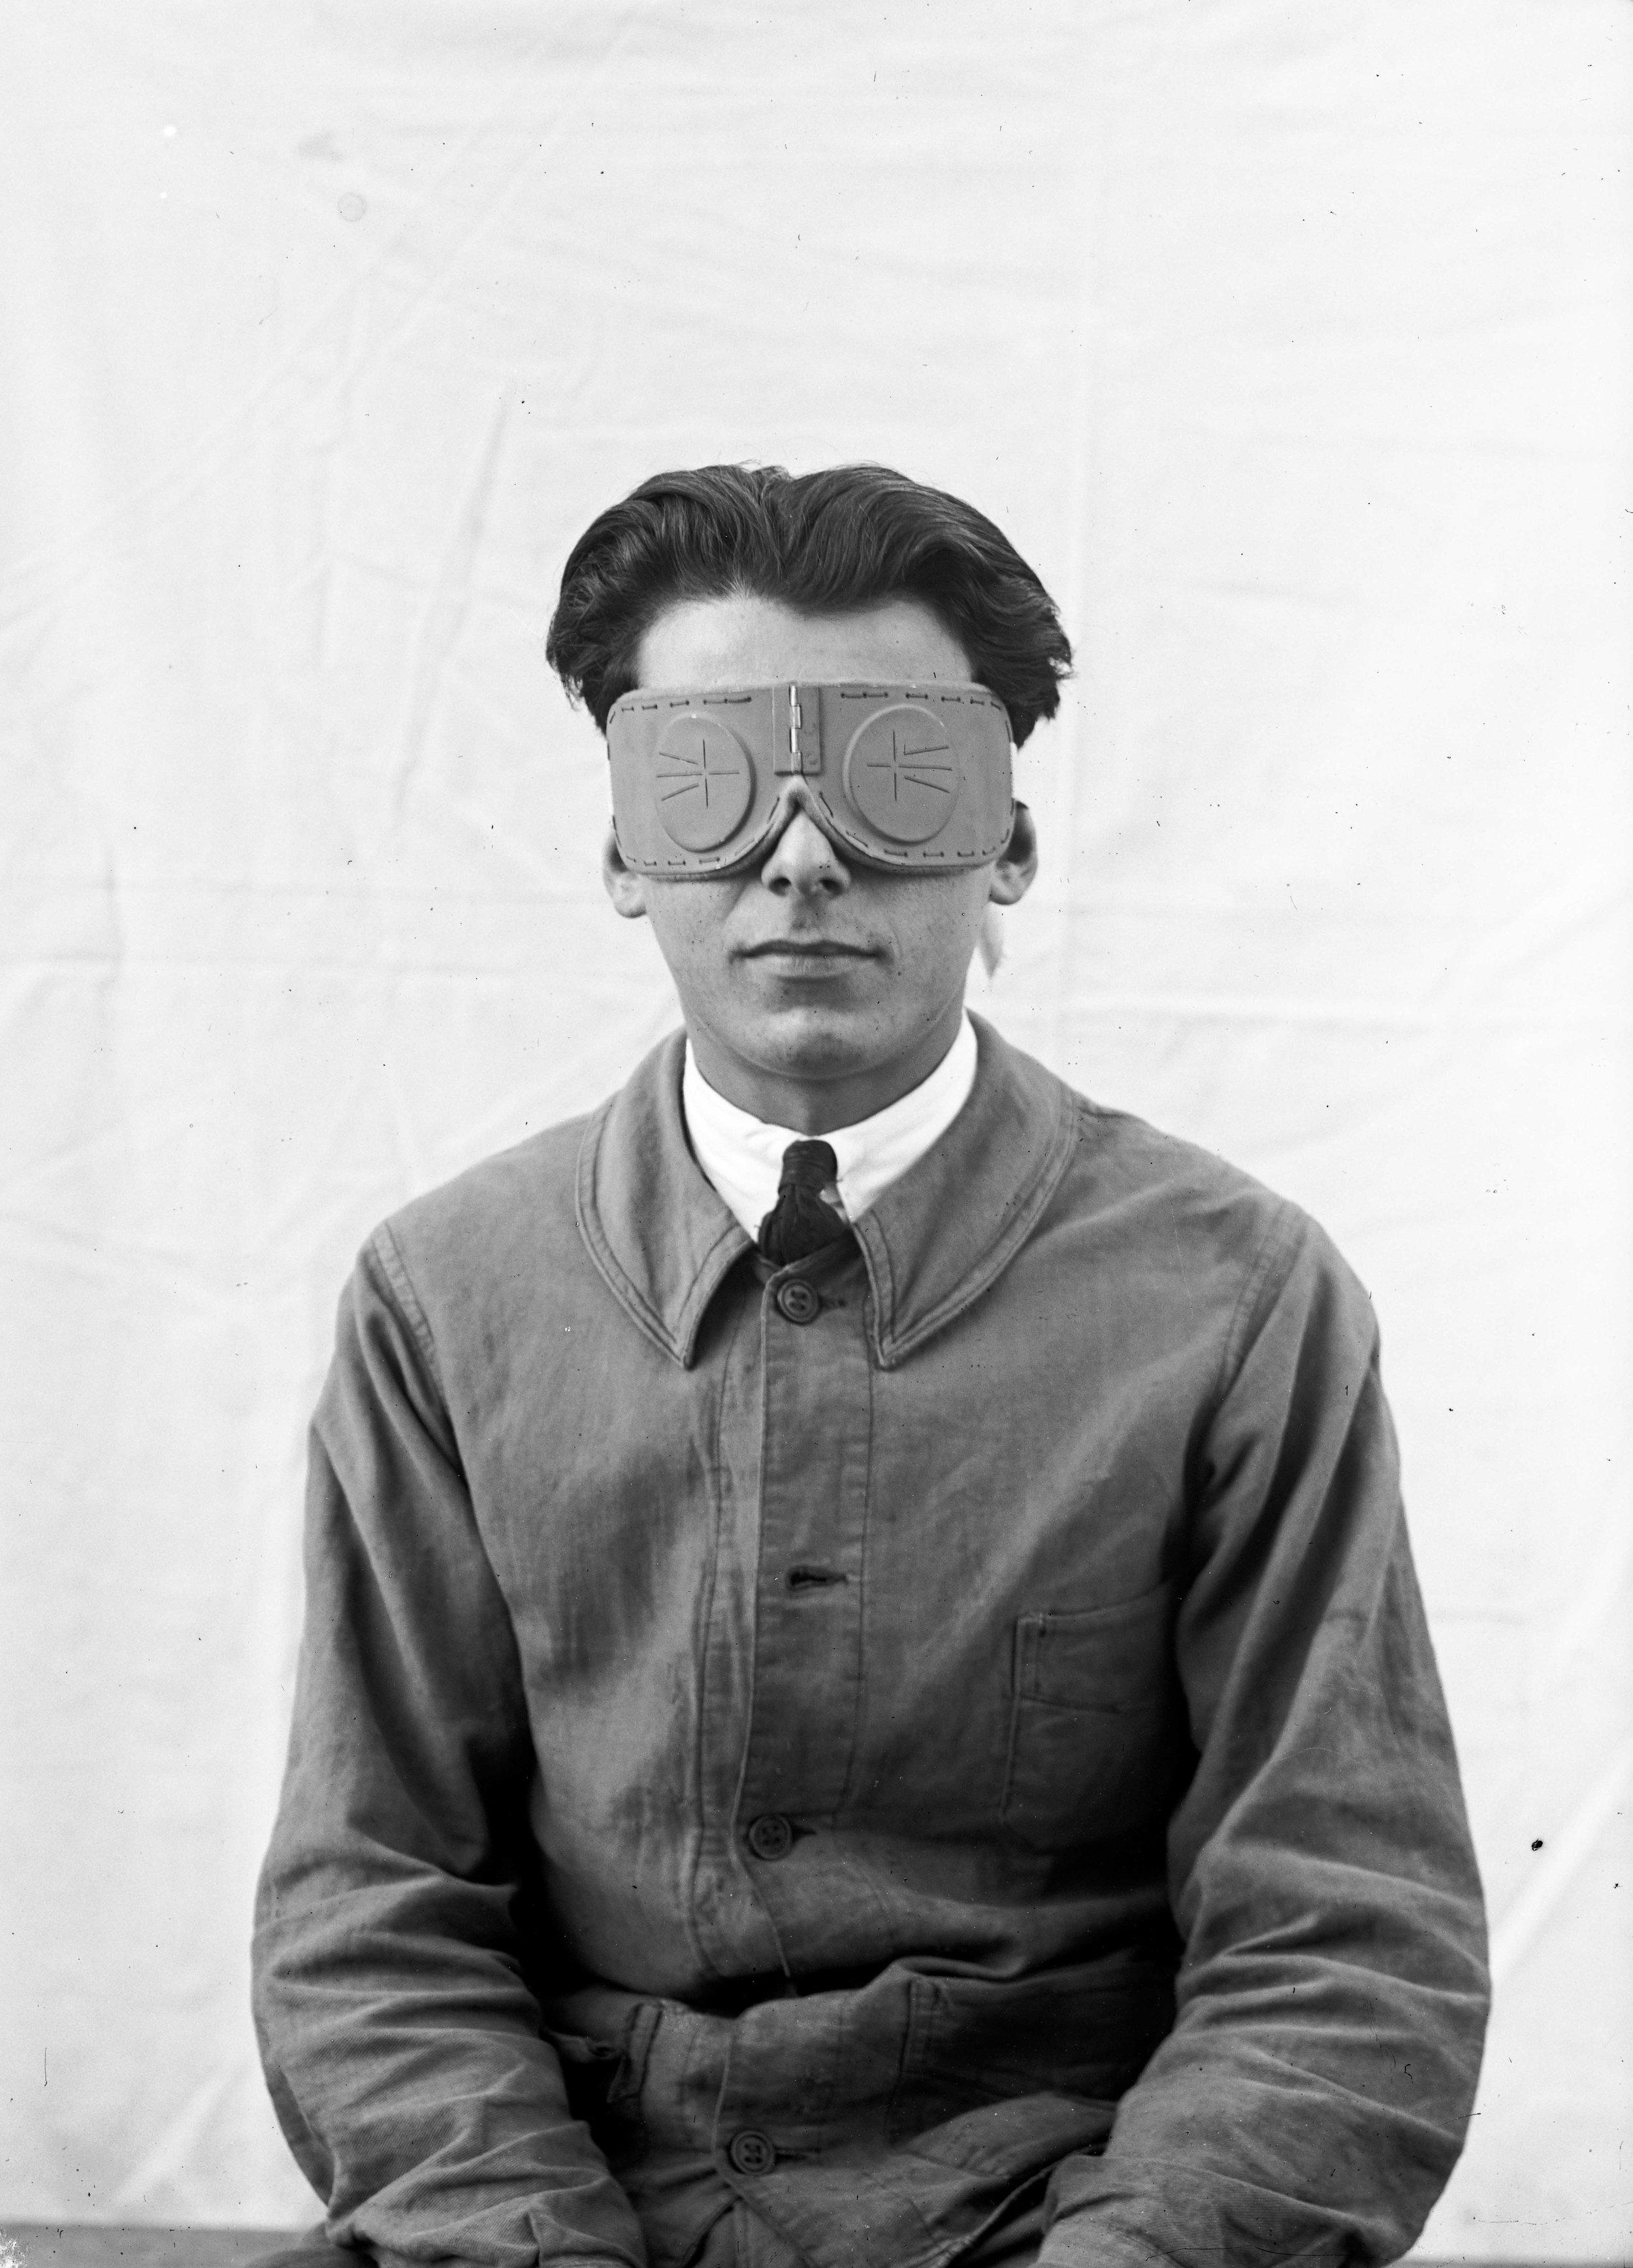 国家科学与工业研发办事处,路易斯·拉皮克的视野快门护目镜,1926年12月。现由法国国家科学研究中心收藏,B_6127。